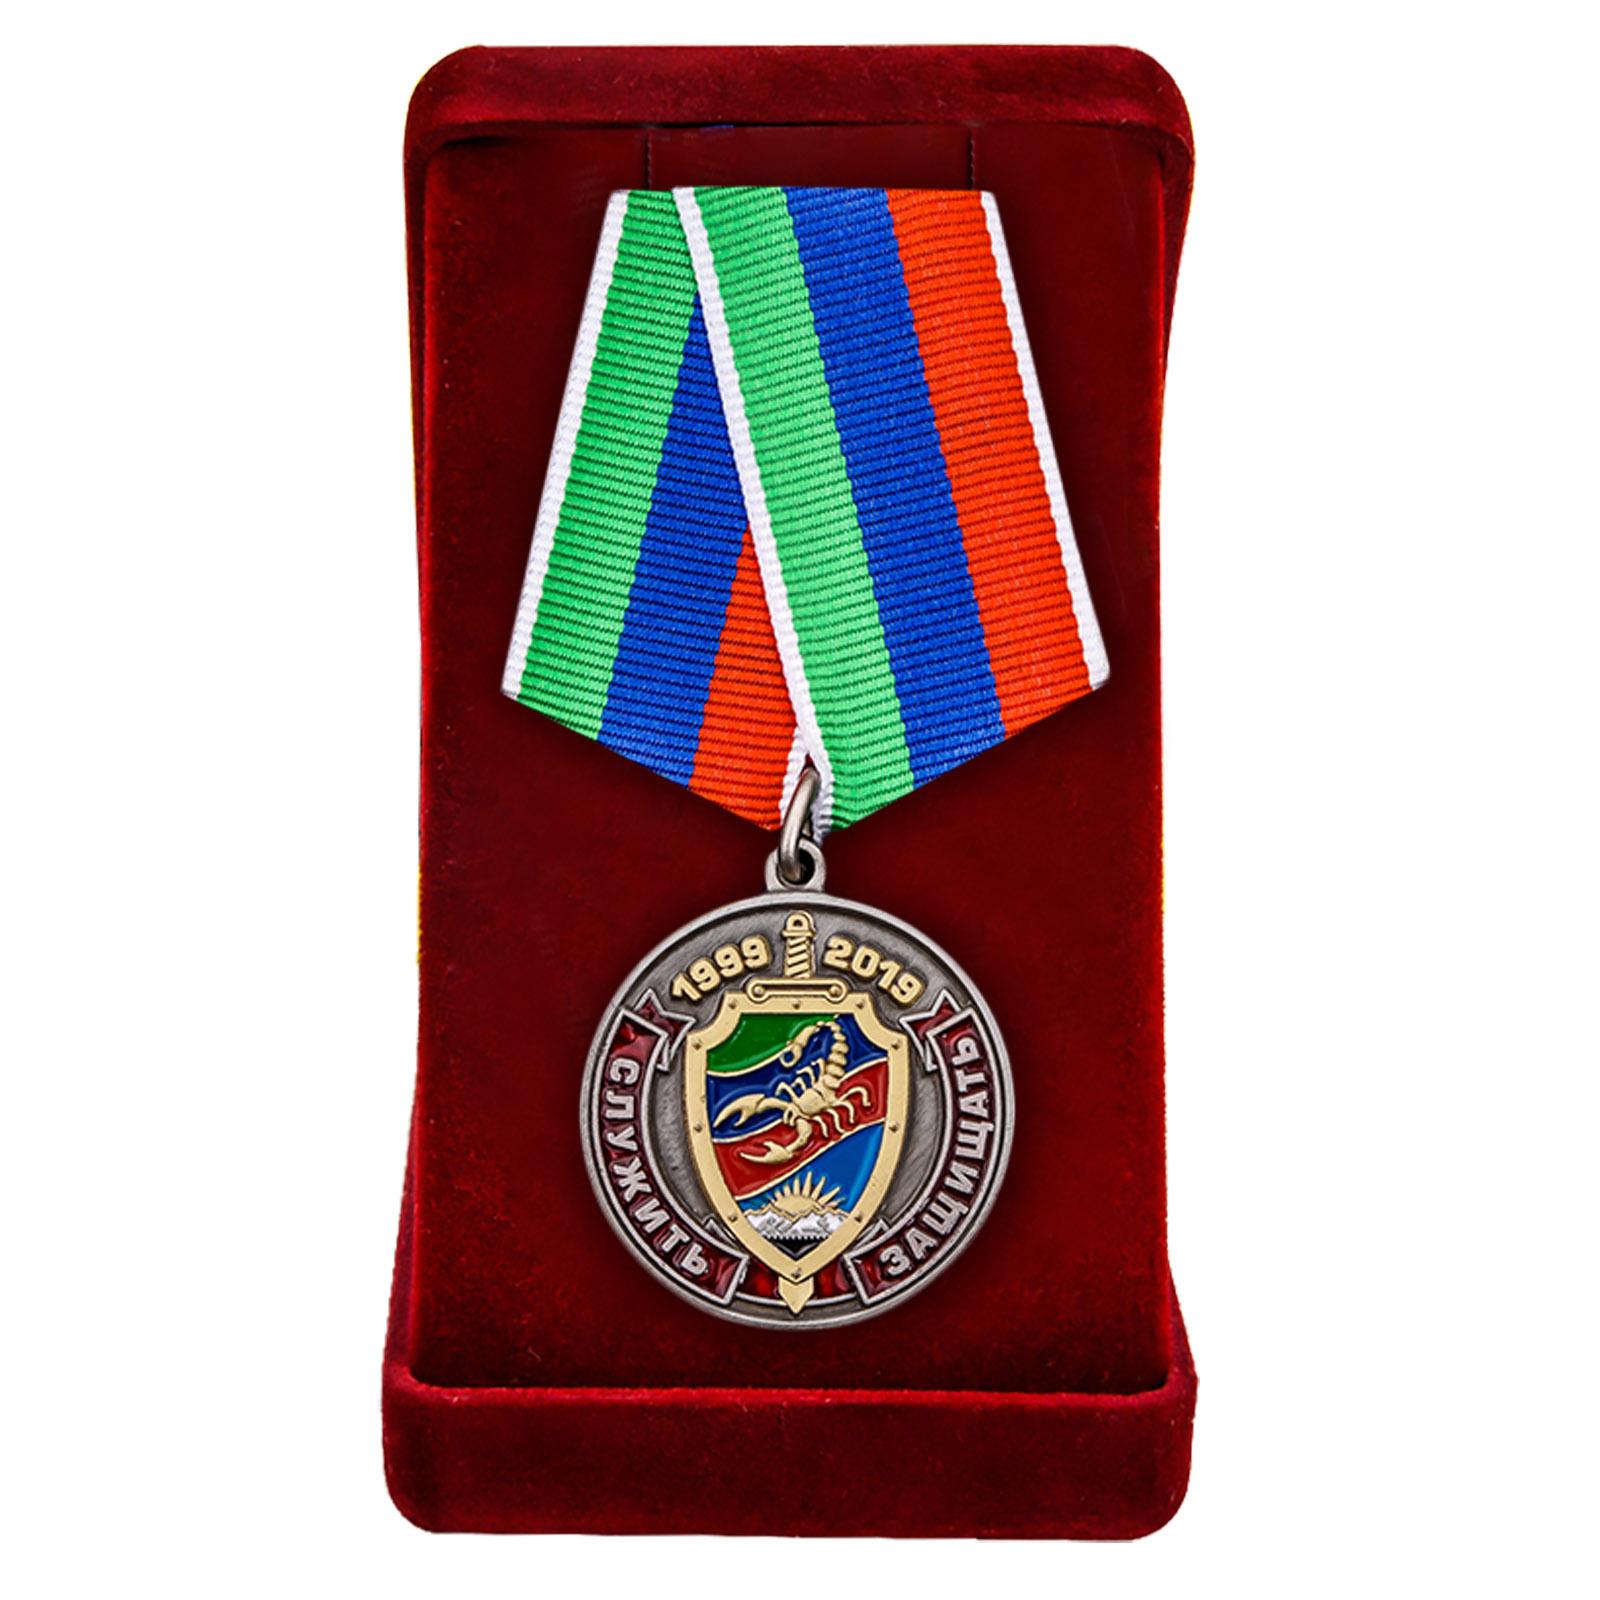 Купить латунную медаль 20 лет ОМОН Скорпион по выгодной цене